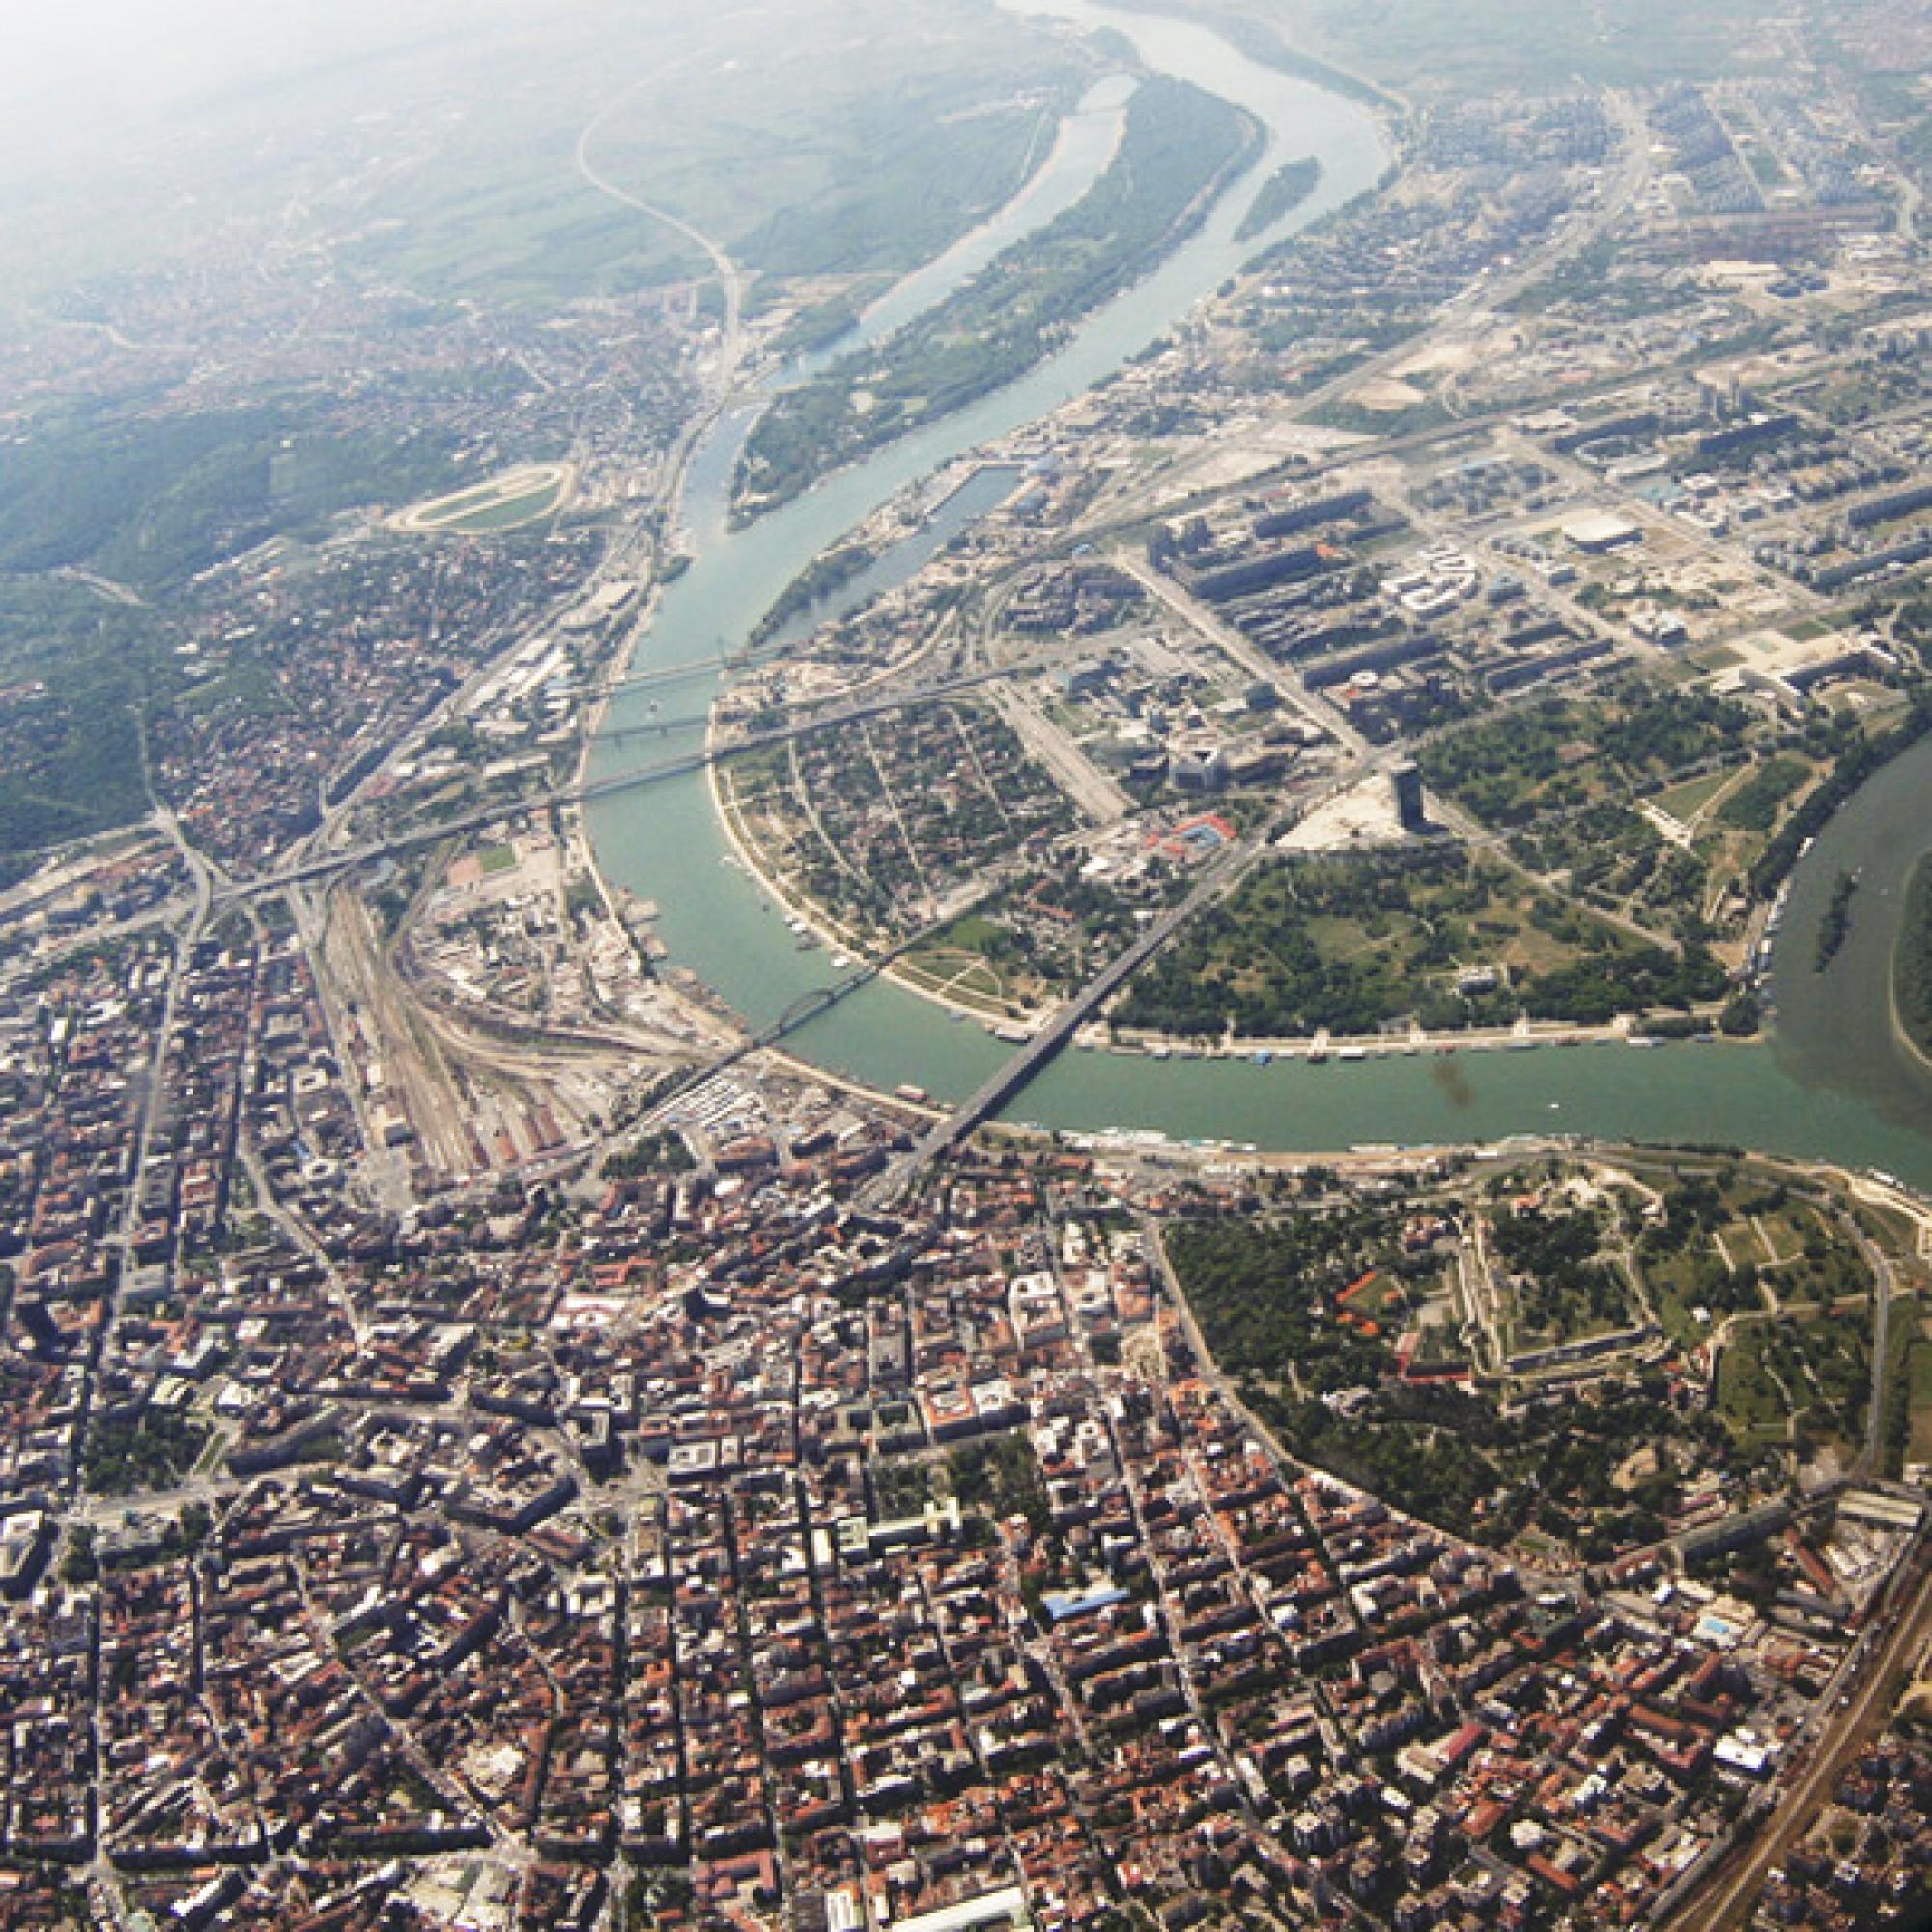 Belgrad heute (wikimedia.org, Orien, CC)